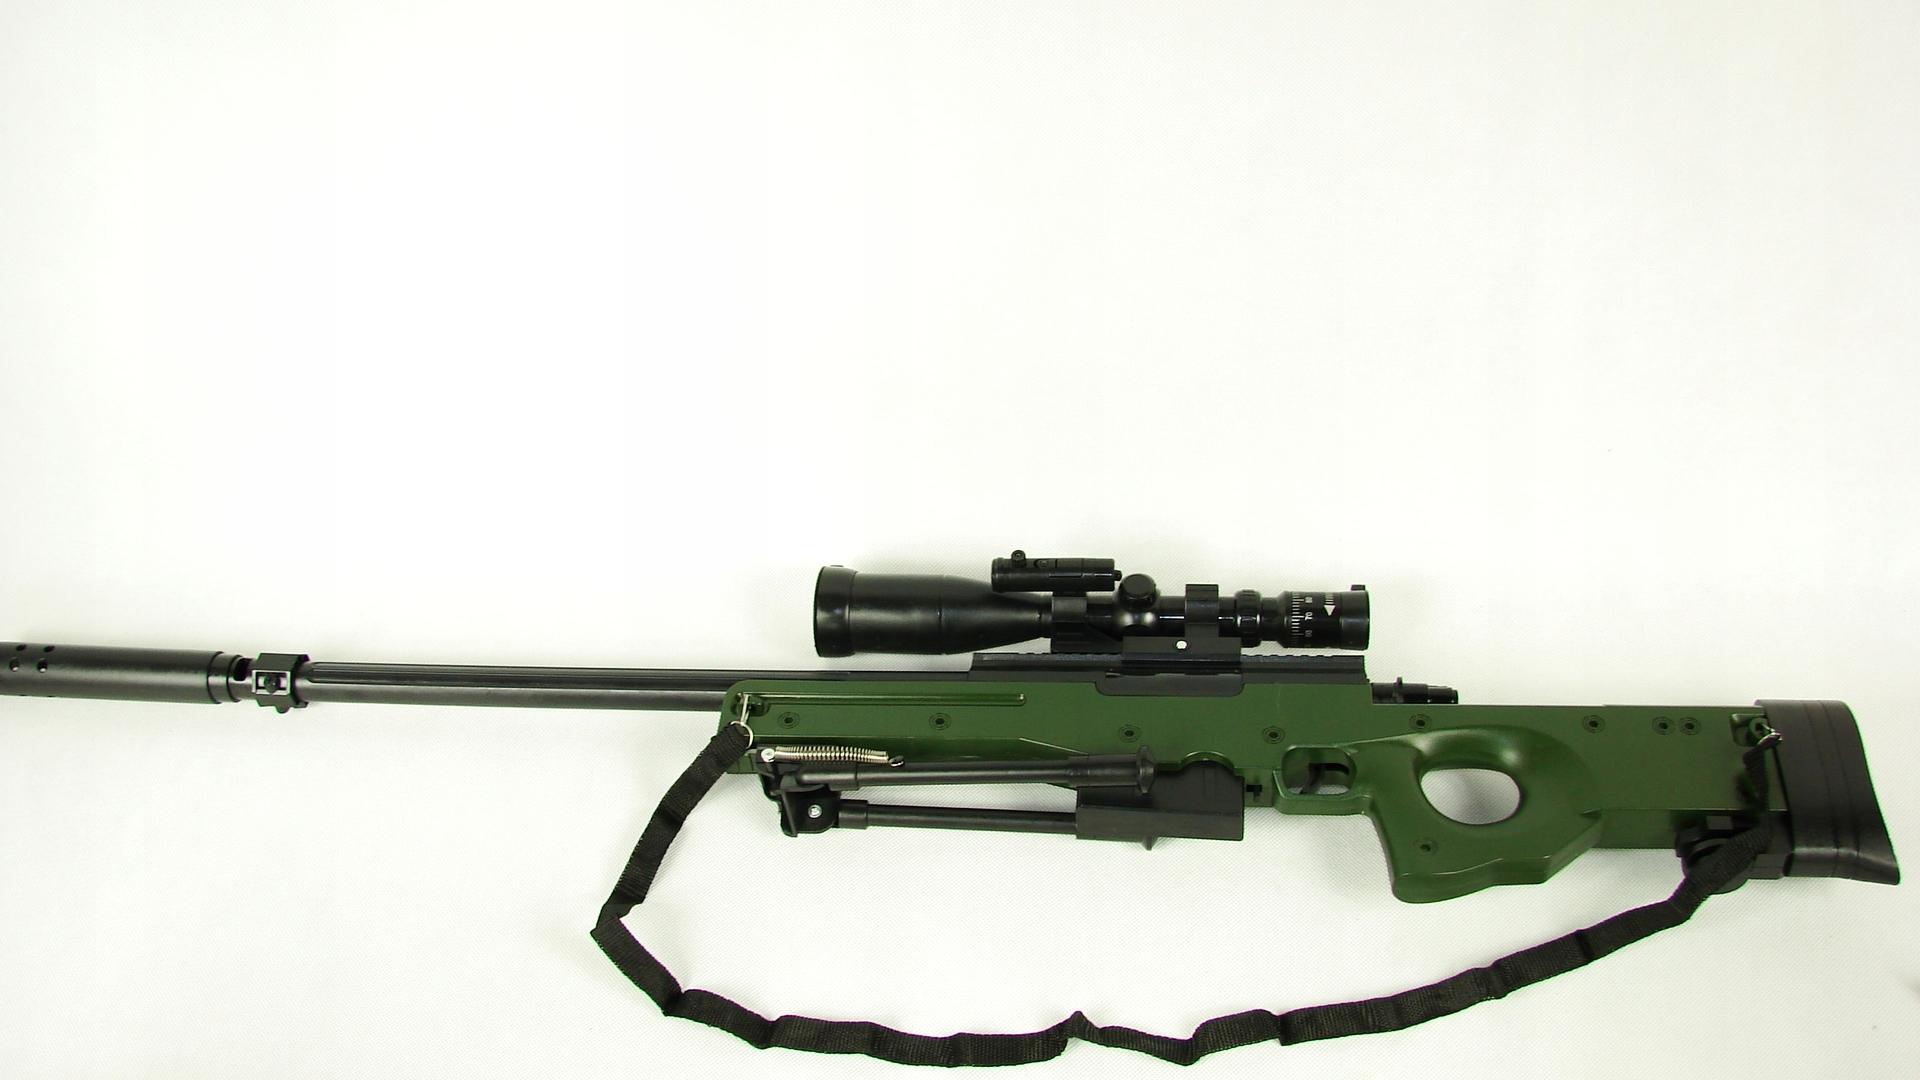 Pištoľové pištole SNAPER SNAJPERKA 108 cm, guľky